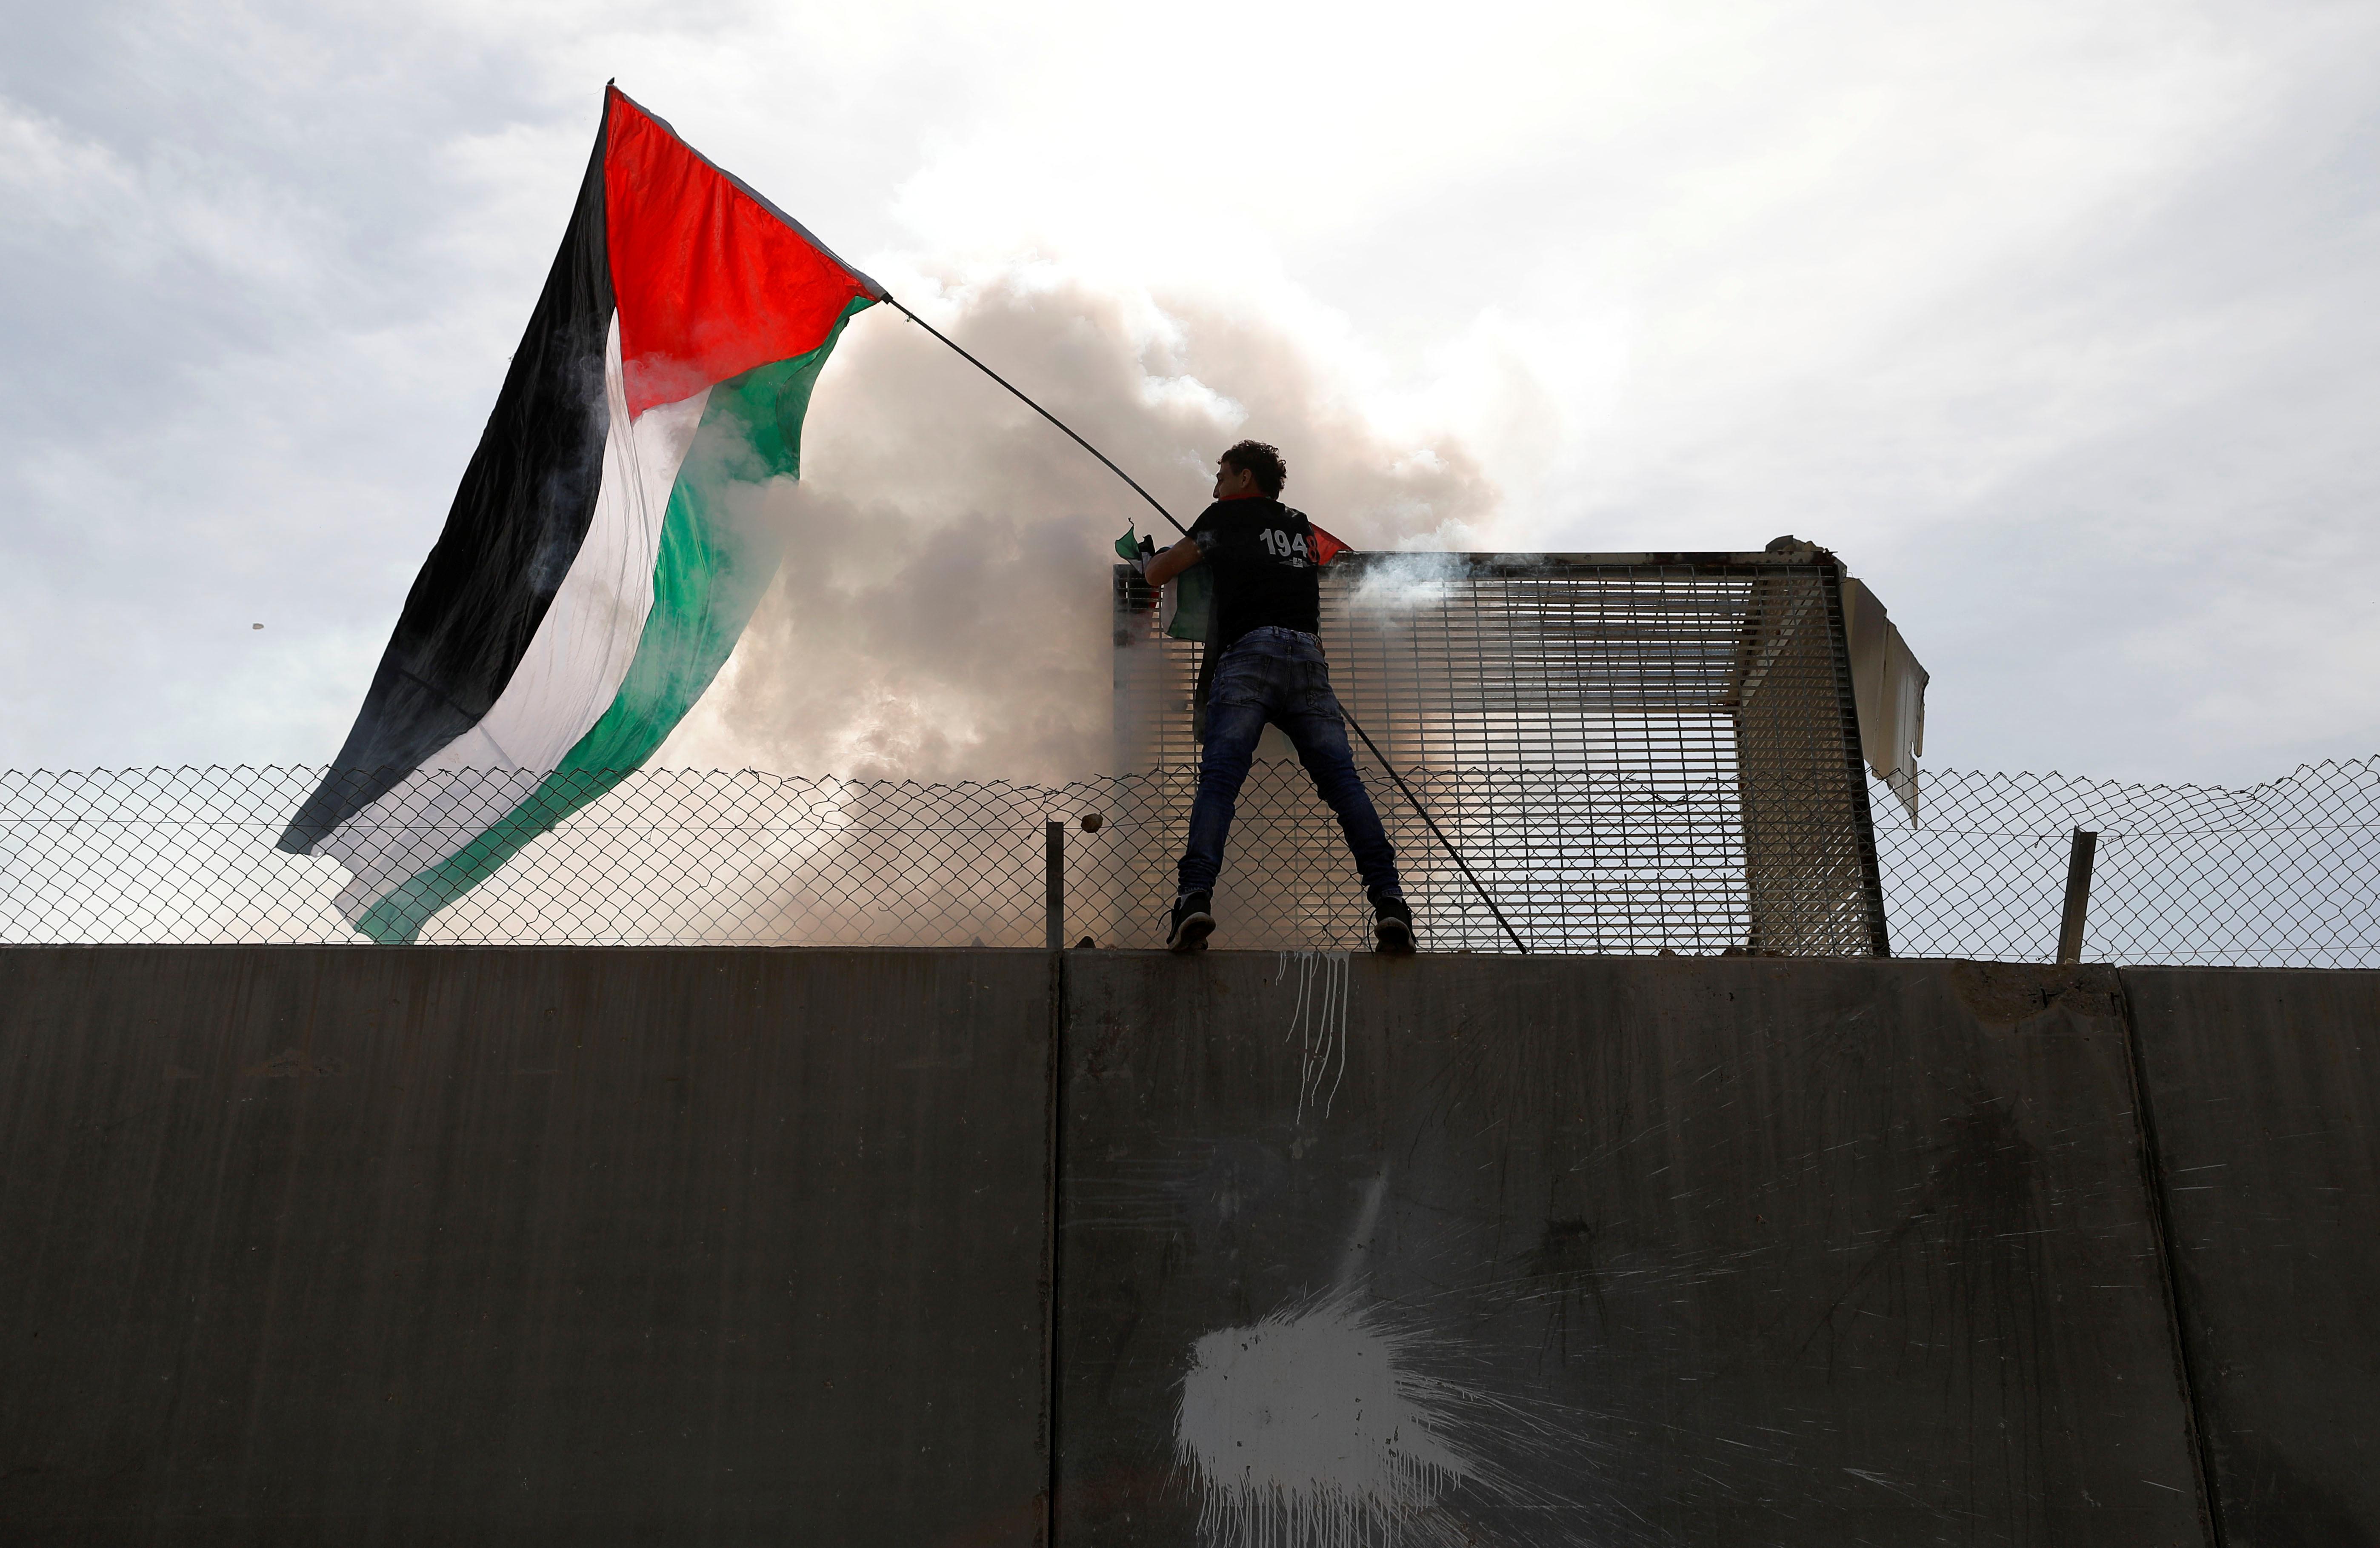 أحد الفلسطينيين يعتلى الجدار العازل